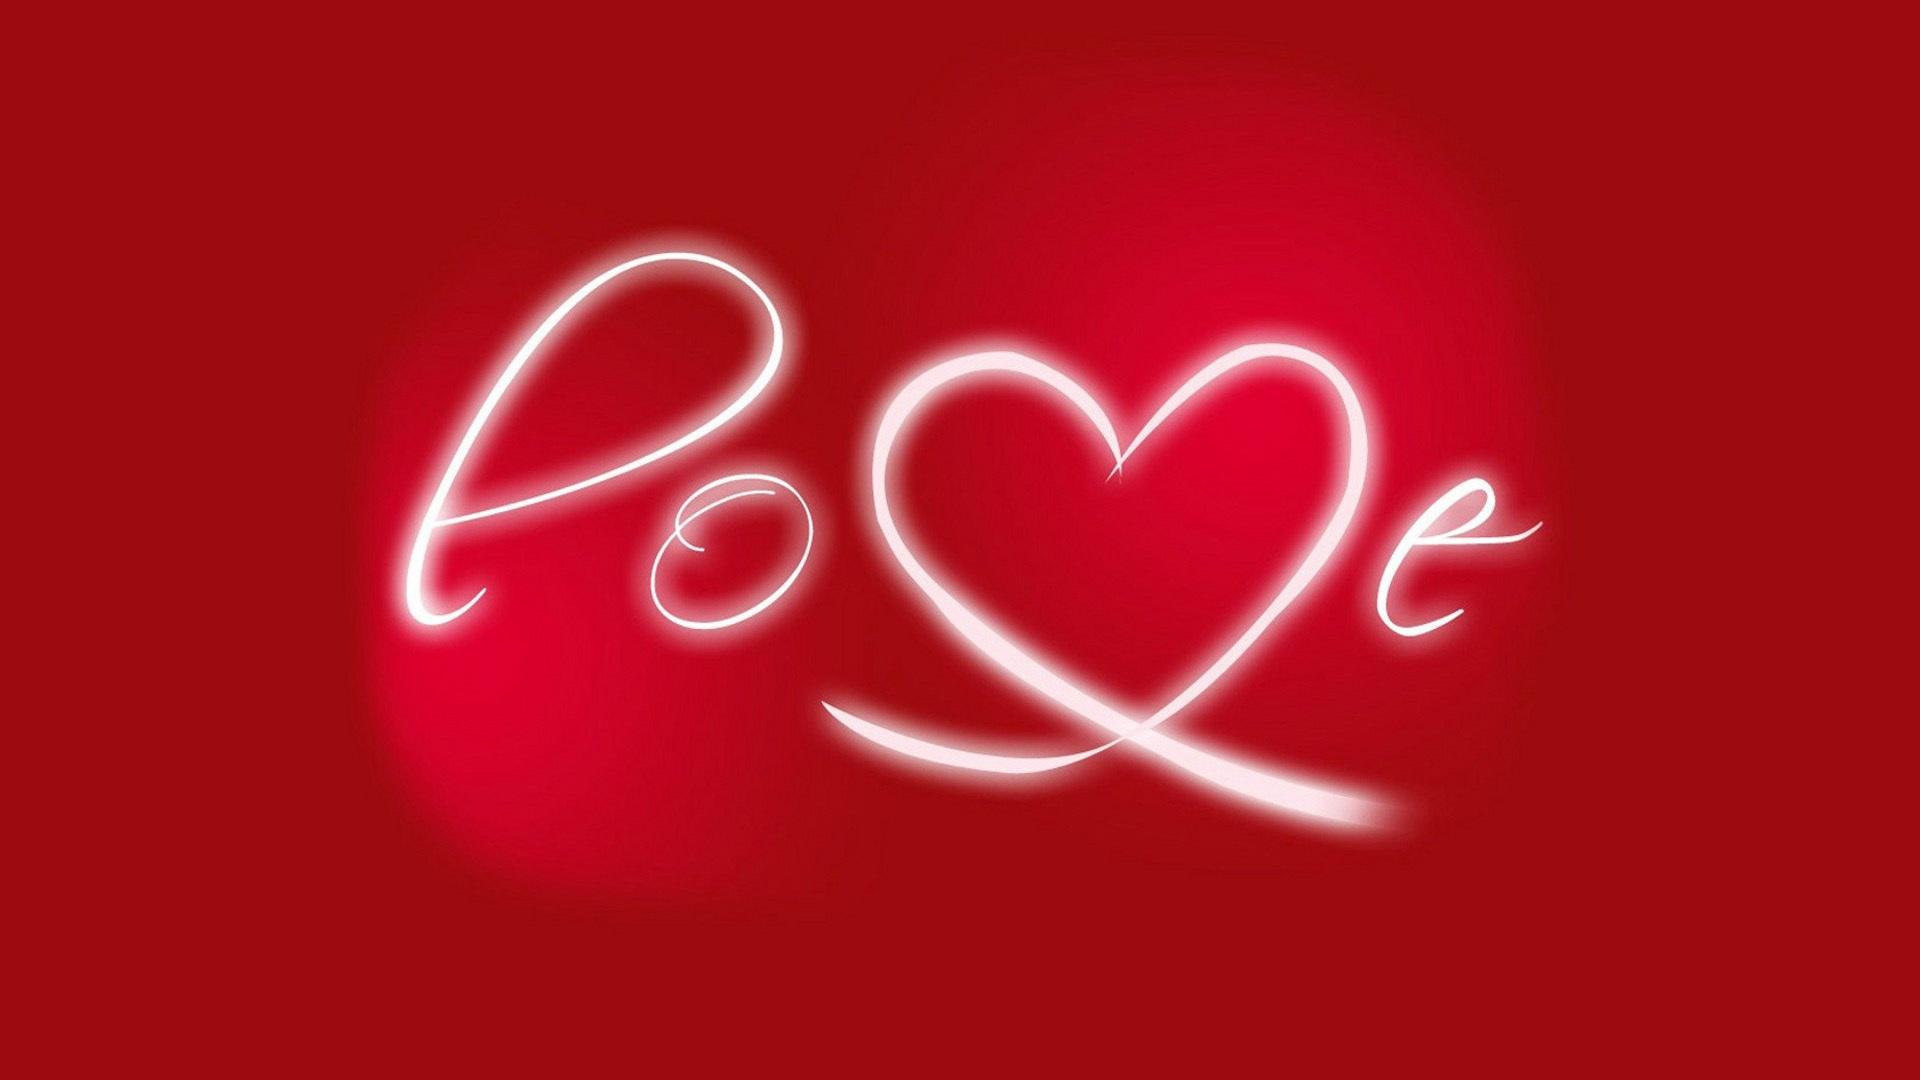 Valentine Day Hd Love Wallpaper : Valentine day love red Wallpaper 1920x1080 Full HD resolution wallpaper download Best ...